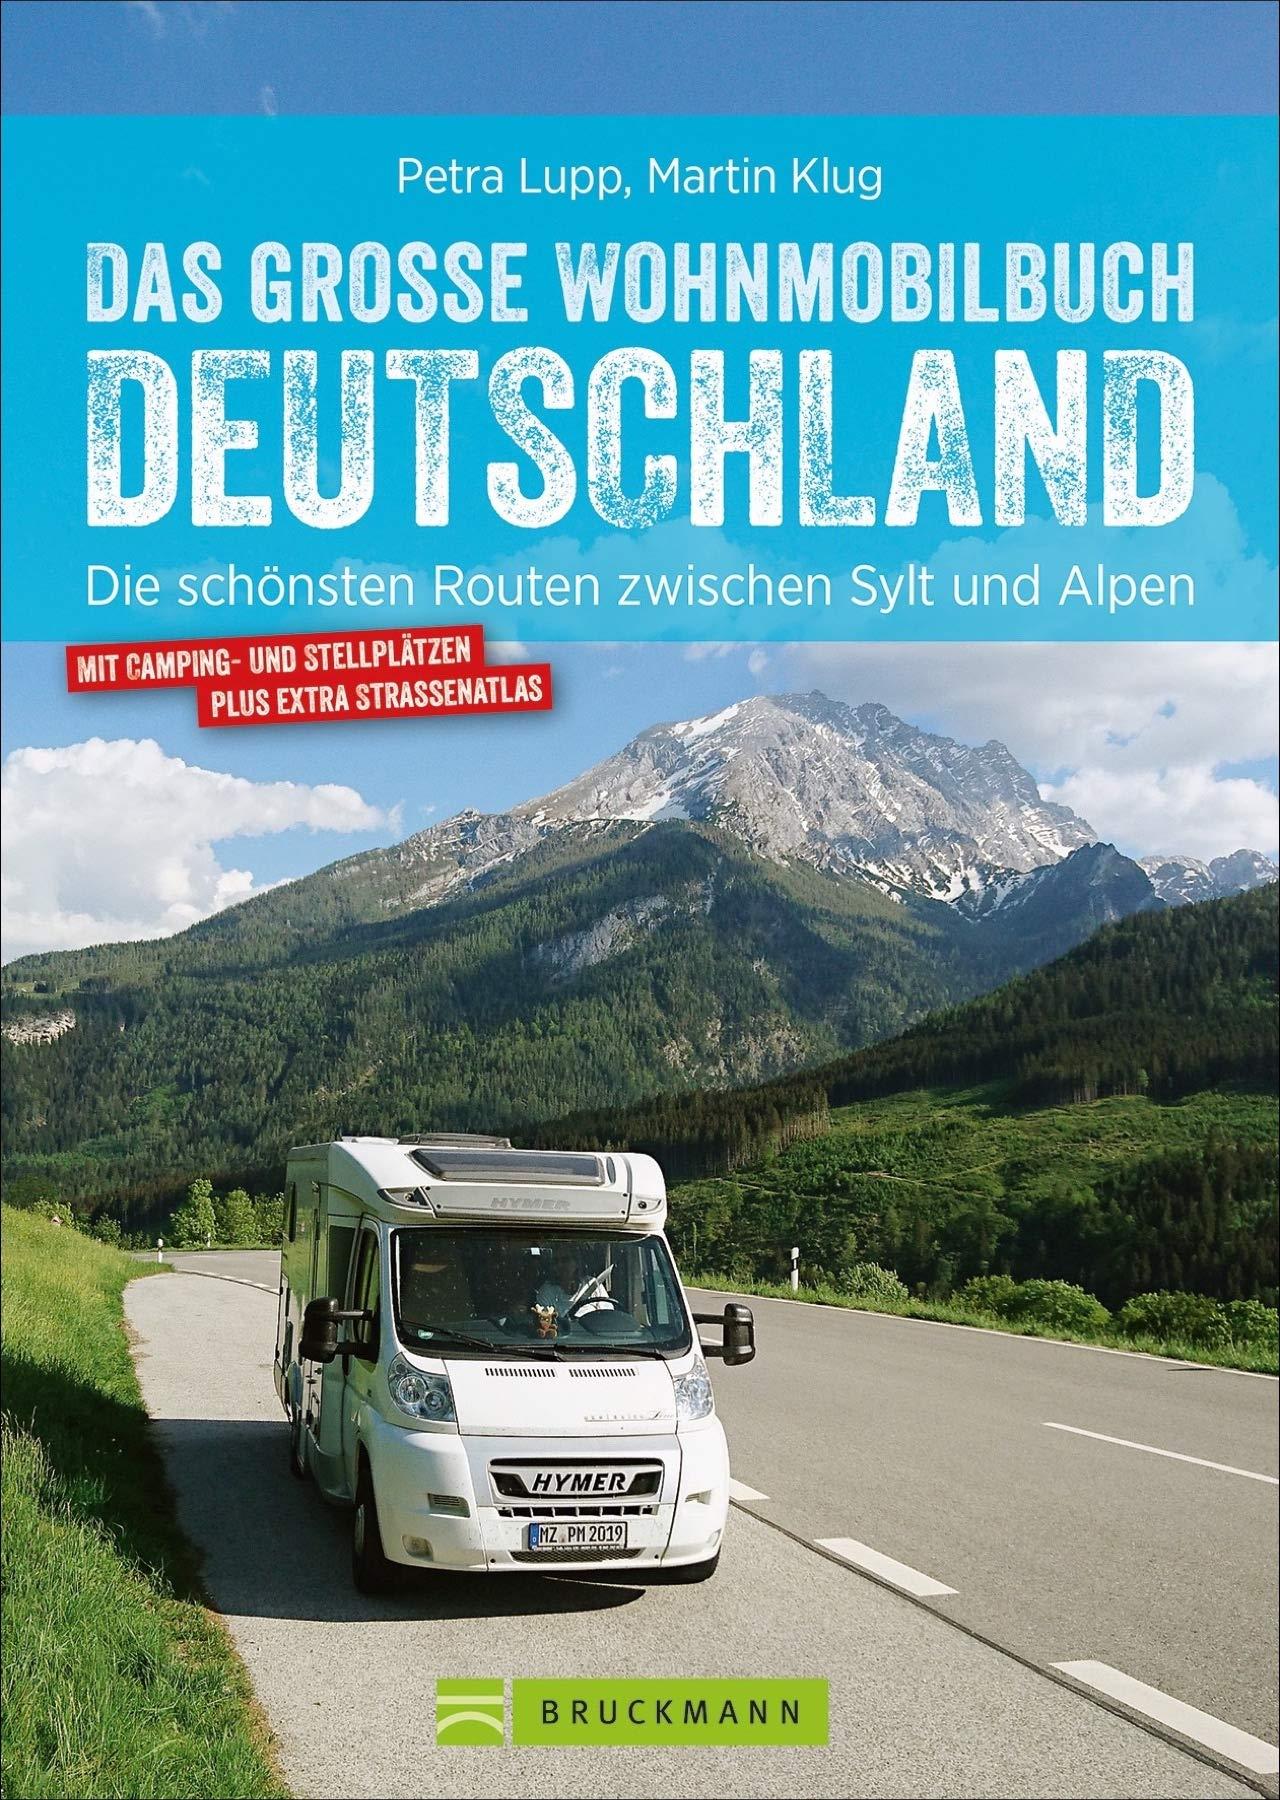 Das große Wohnmobilbuch Deutschland: Die schönsten Routen zwischen Sylt und Alpen. Der Wohnmobil-Reiseführer mit Straßenatlas GPS-Koordinaten zu den Stellplätzen und Streckenleisten. NEU 2019